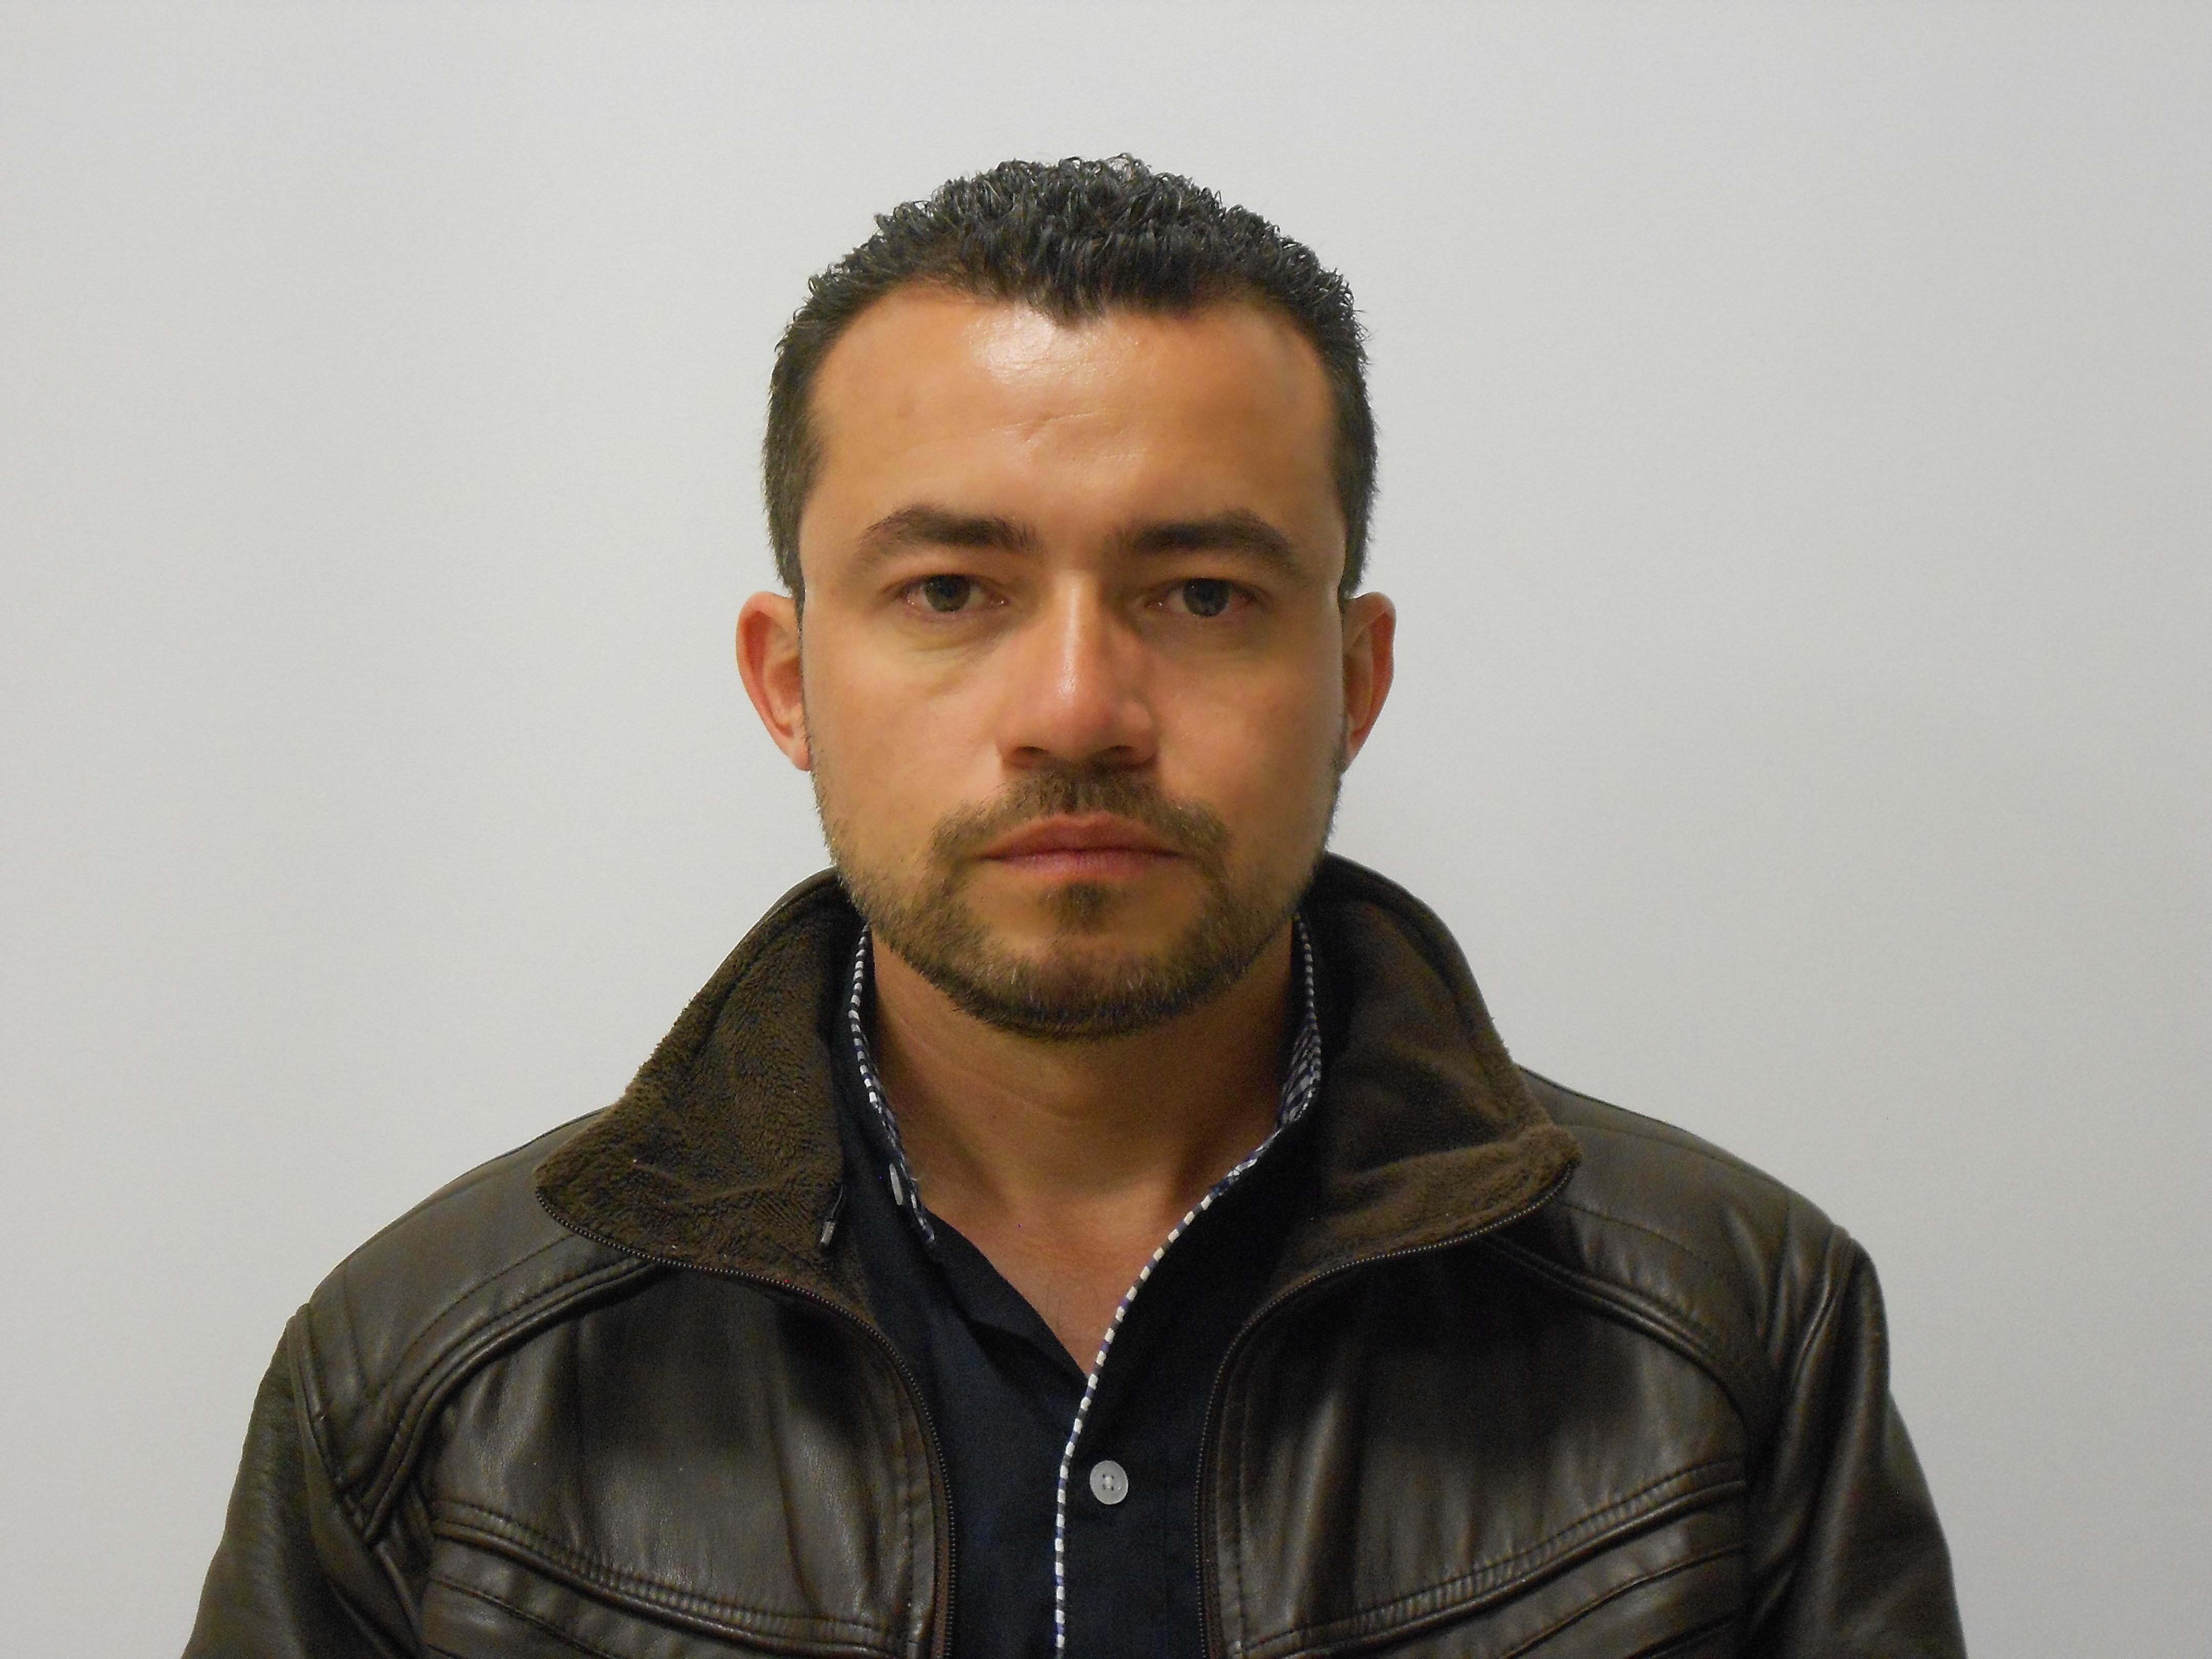 Cesar Efrain León Niño